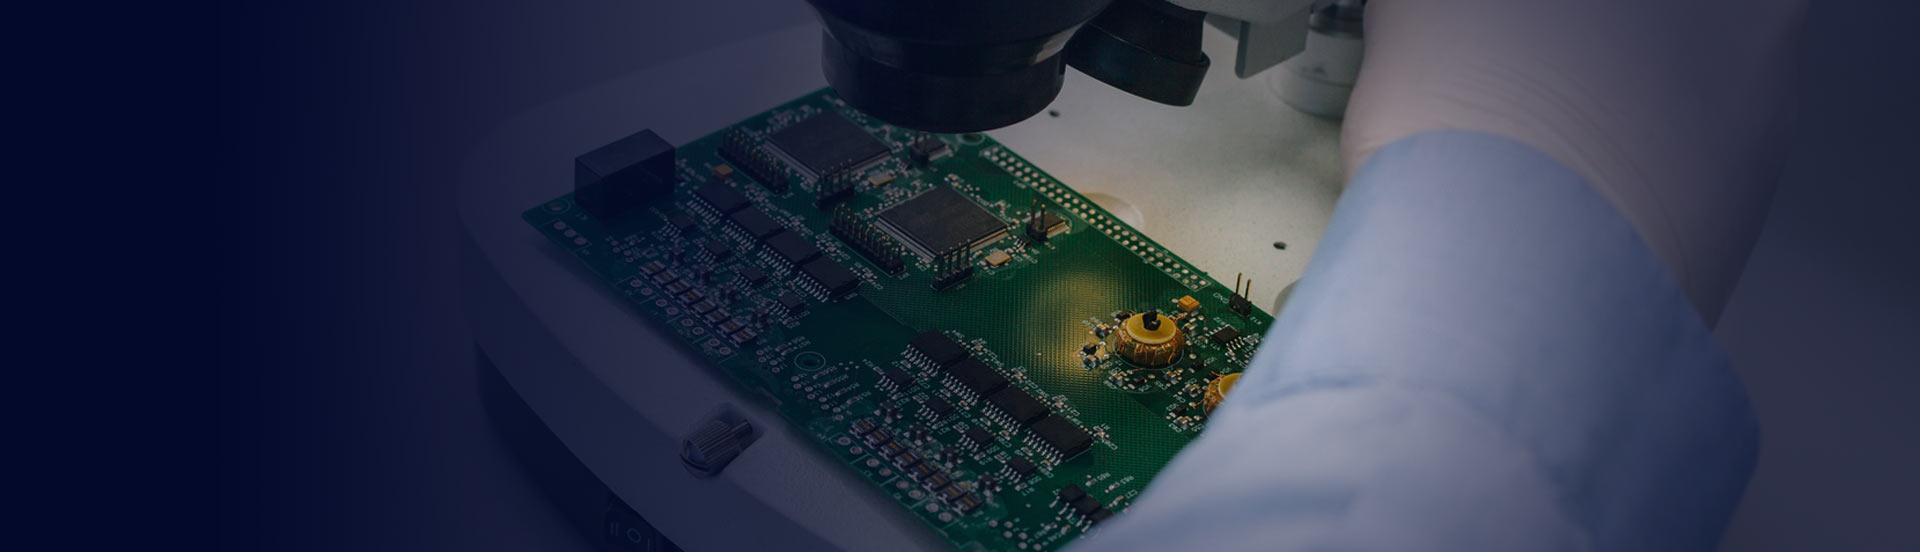 ProAut – automatyka przemysłowa